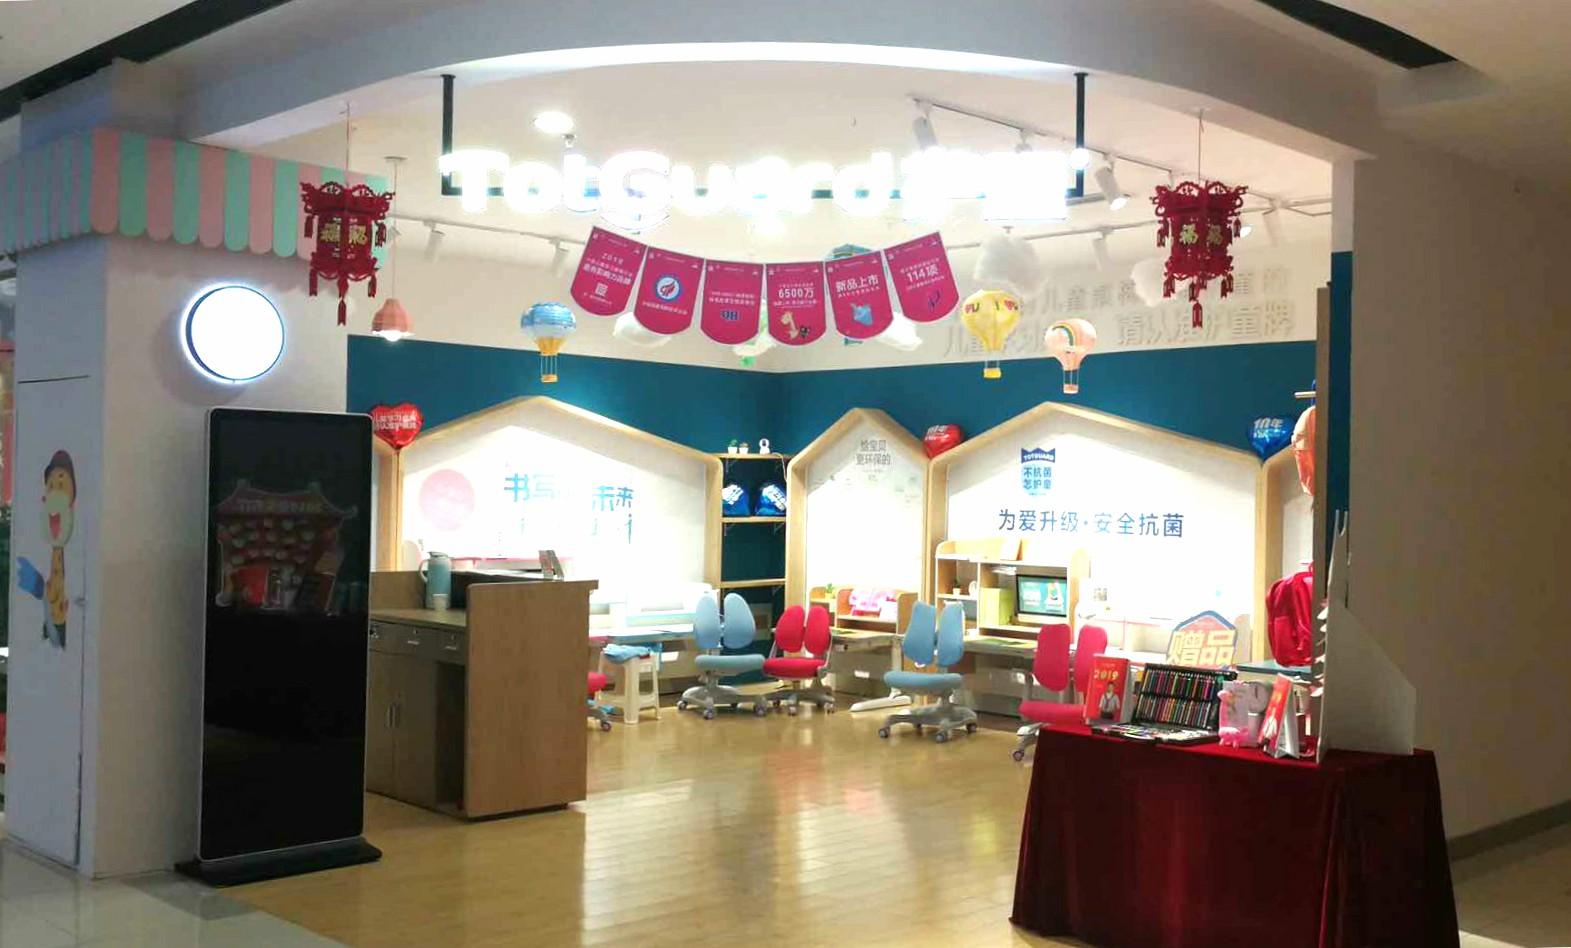 热烈祝贺护童第1606家晋城星悦城护童专柜盛大开业!